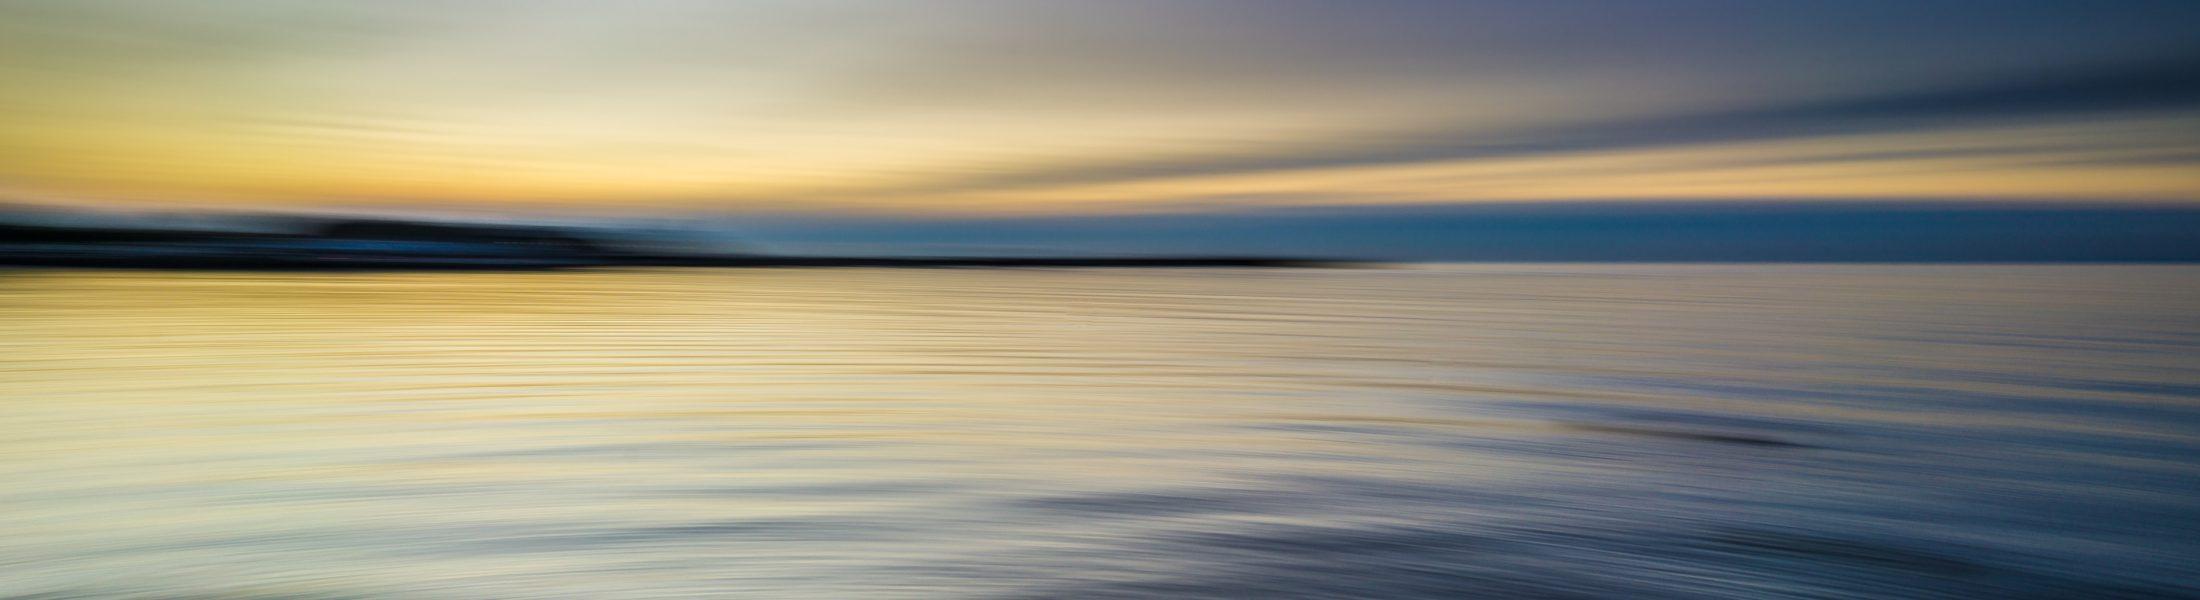 serene_water